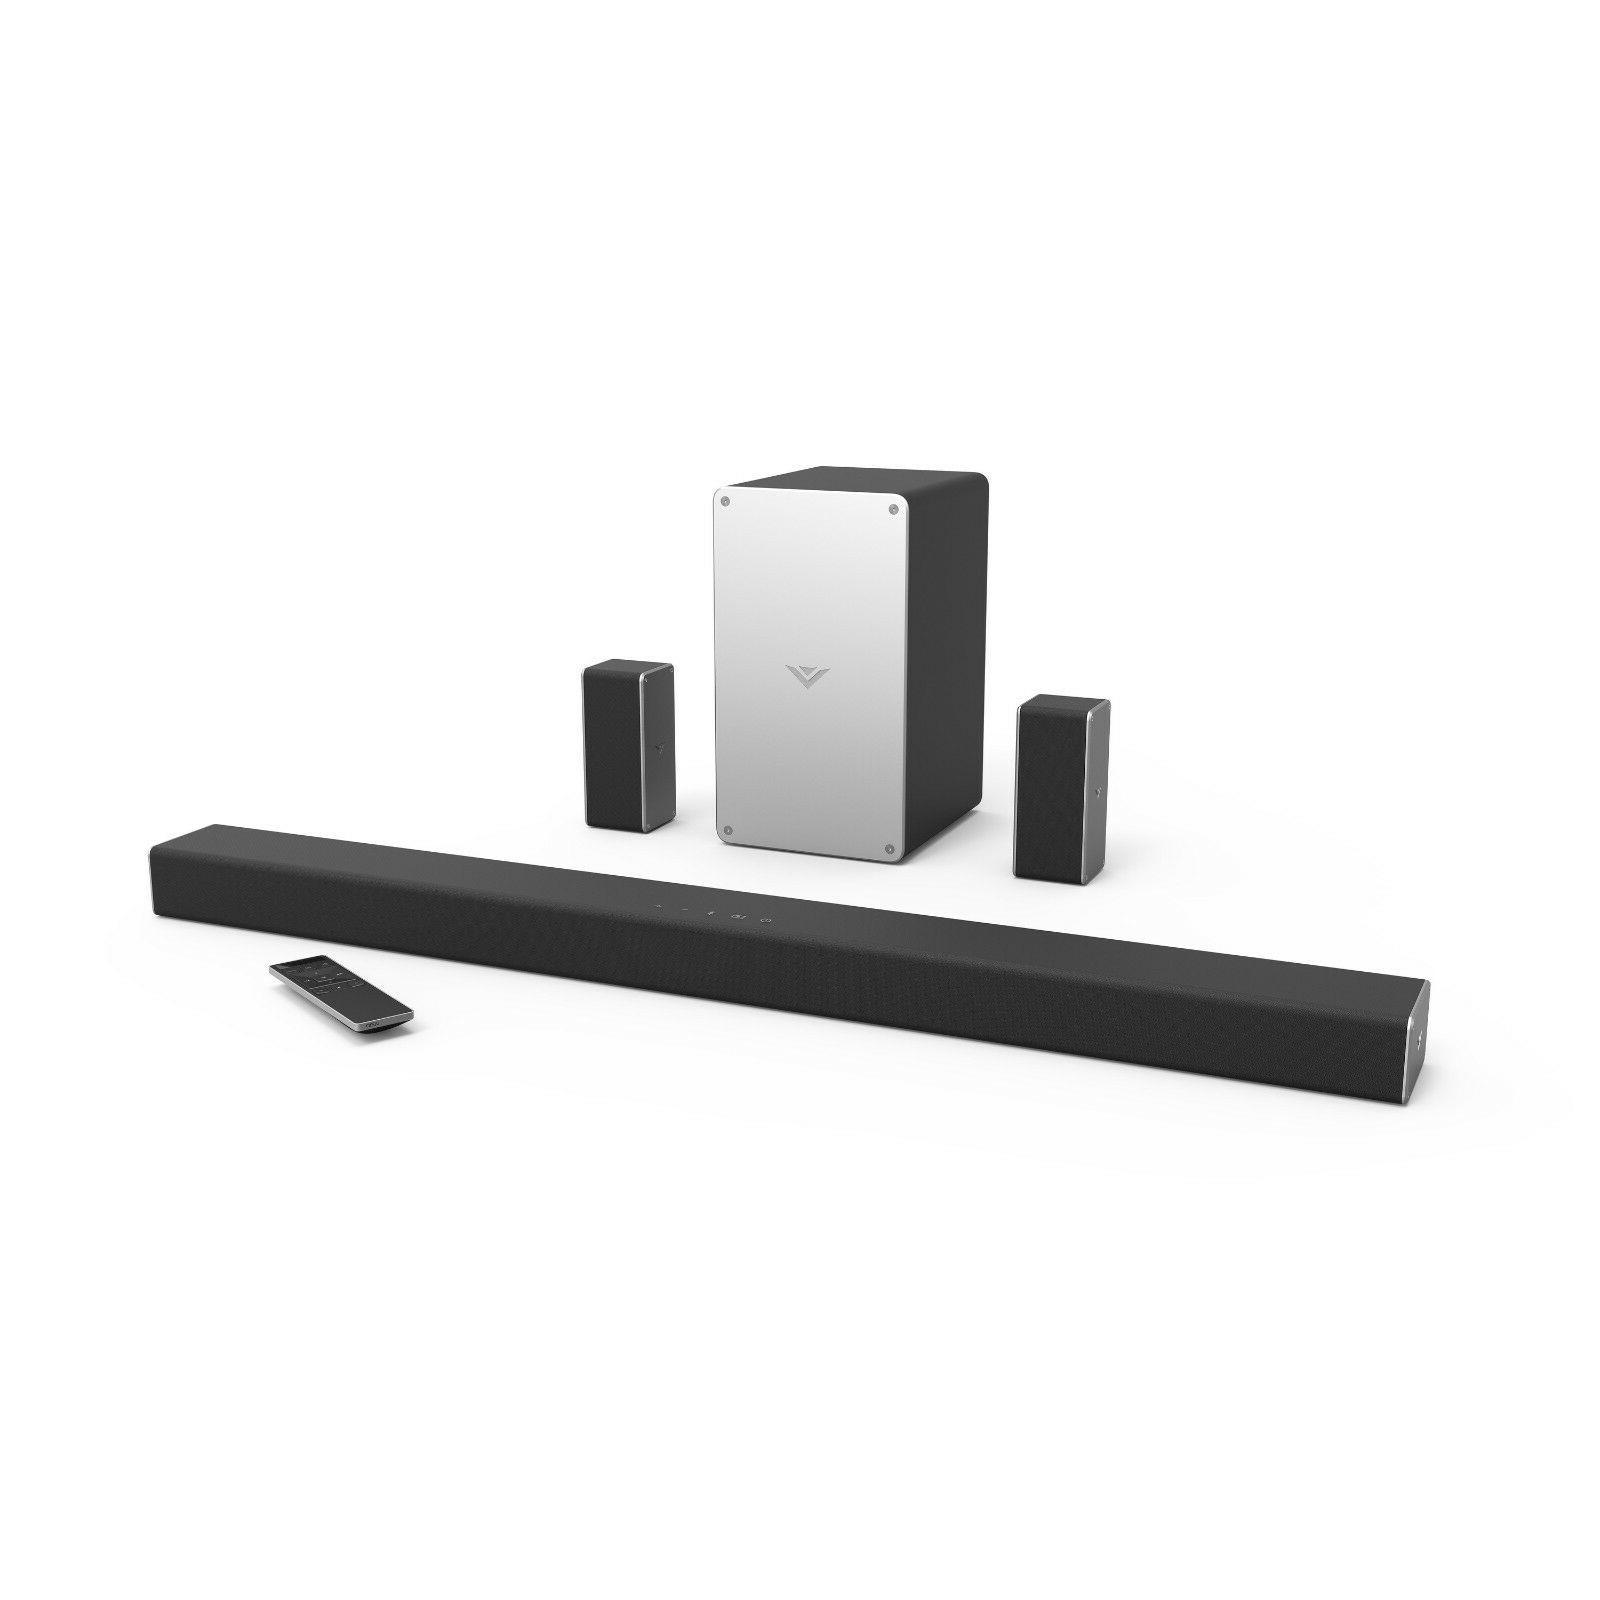 5 1 surround sound bar speaker system